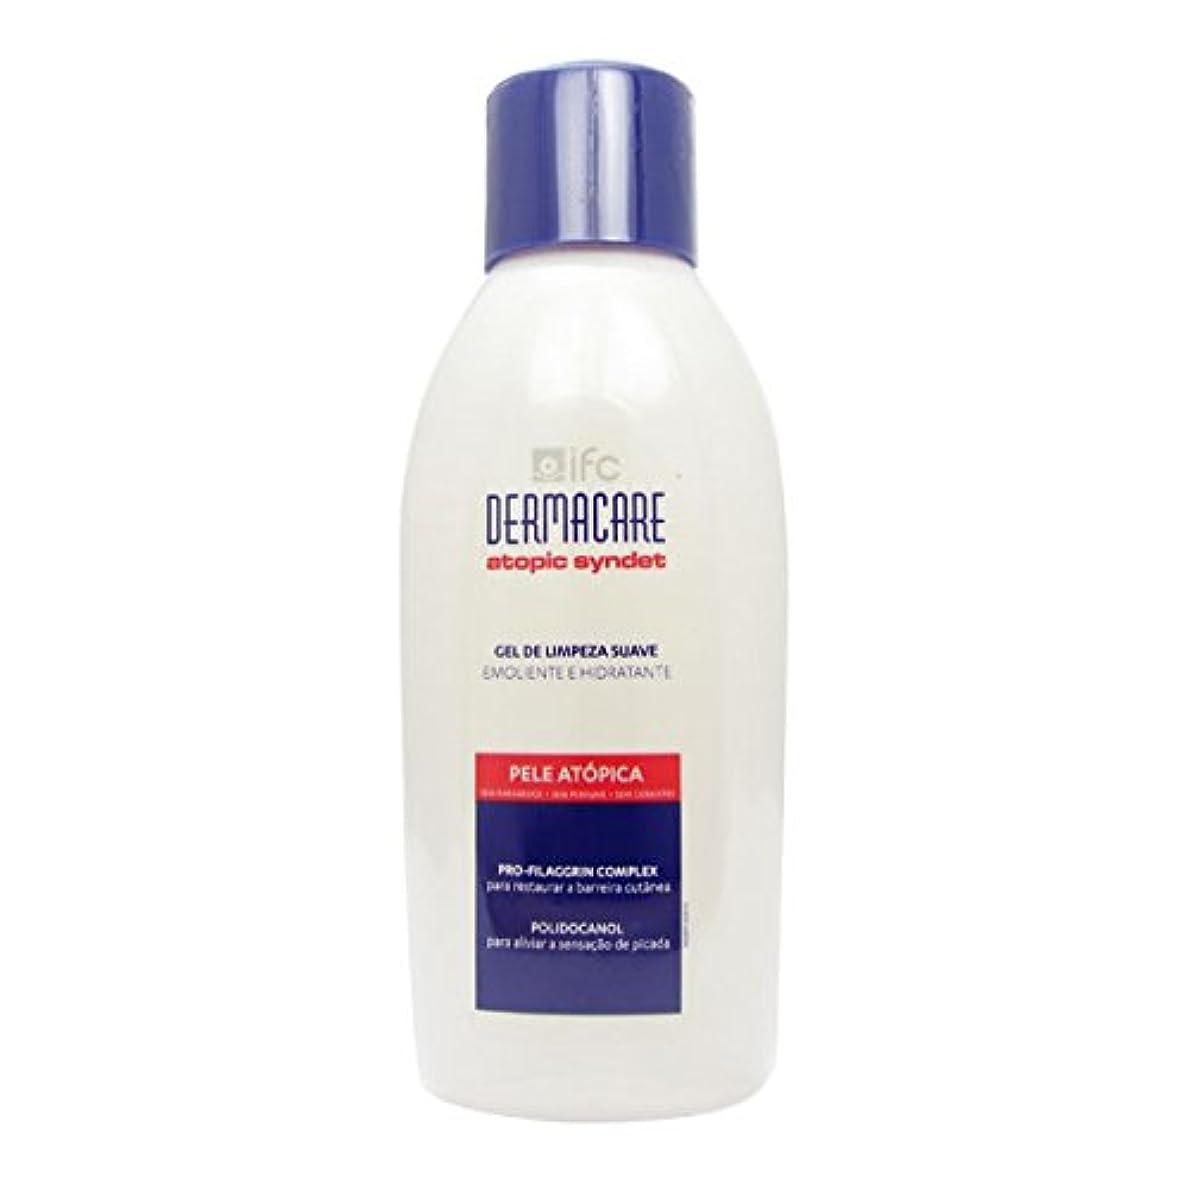 ディスカウント道路ブランド名Dermacare Atopic Cleansing Gel 750ml [並行輸入品]